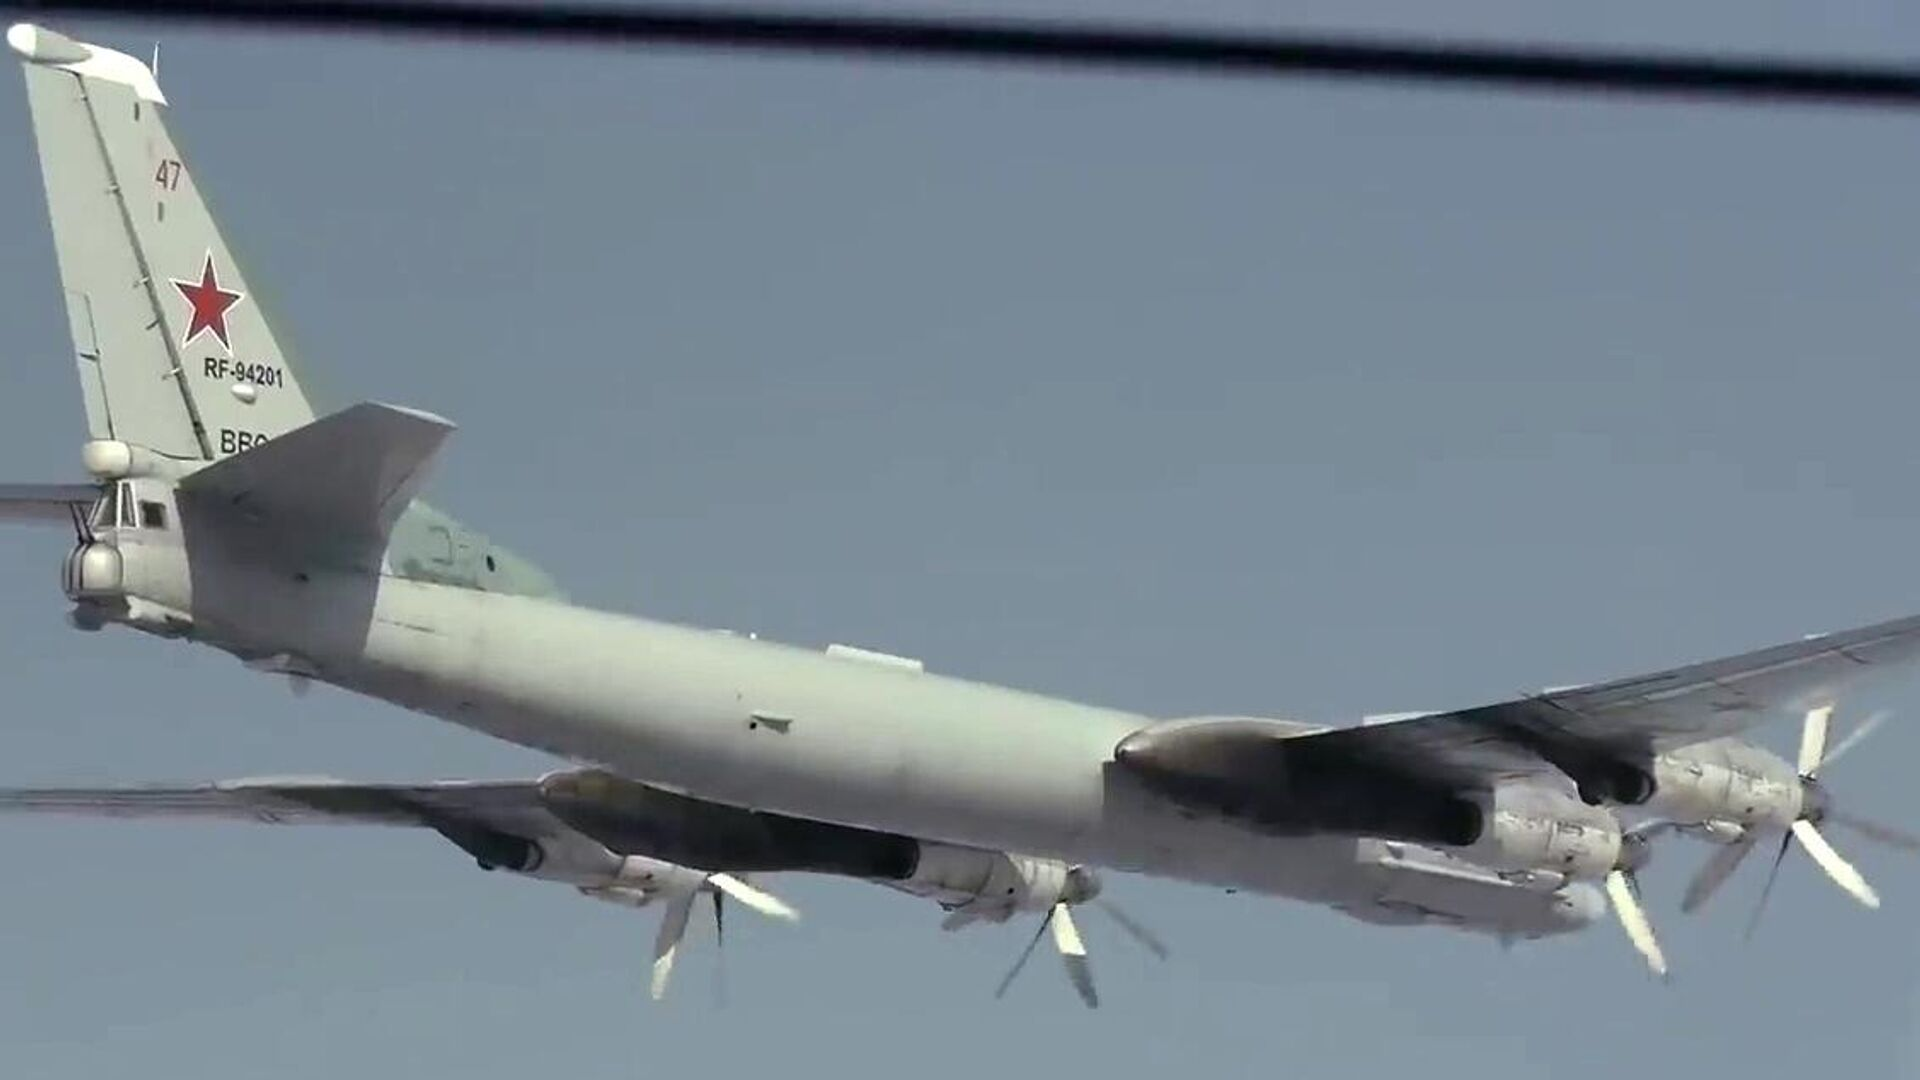 Стратегический бомбардировщик-ракетоносец Ту-95МС во время полета в Амурской области - РИА Новости, 1920, 23.05.2021